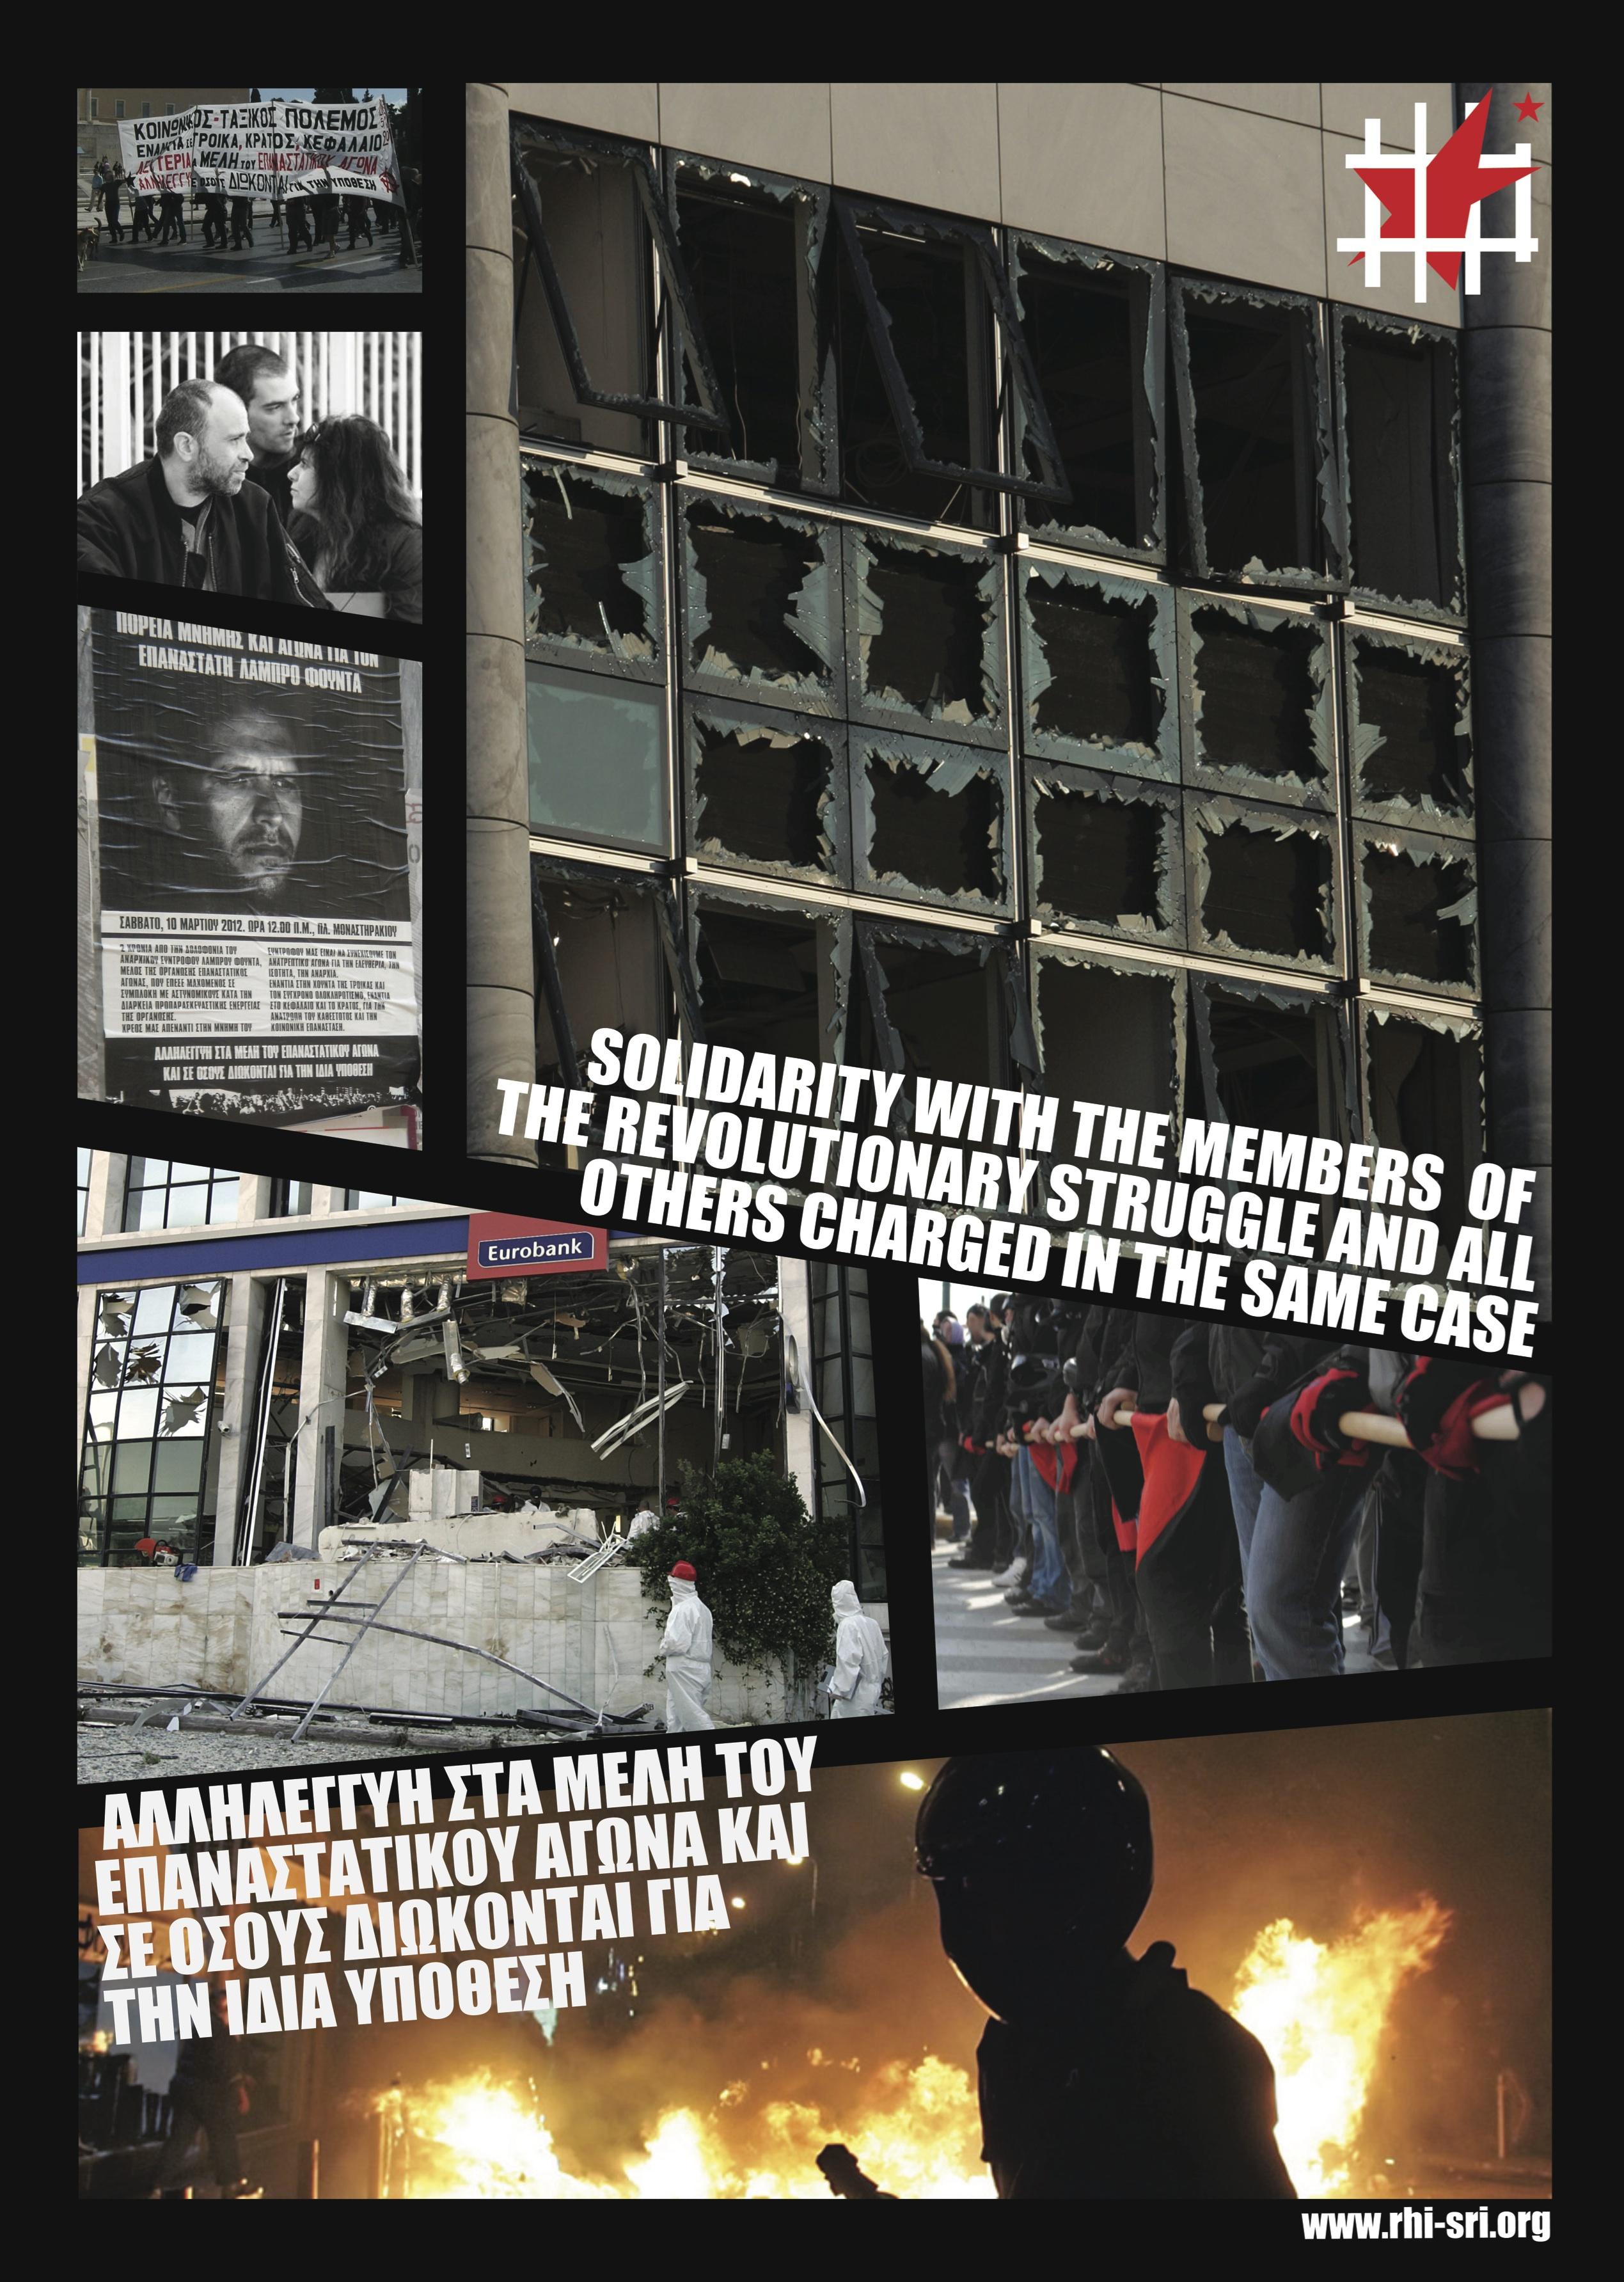 Affiche de solidarité avec Lutte Révolutionnaire